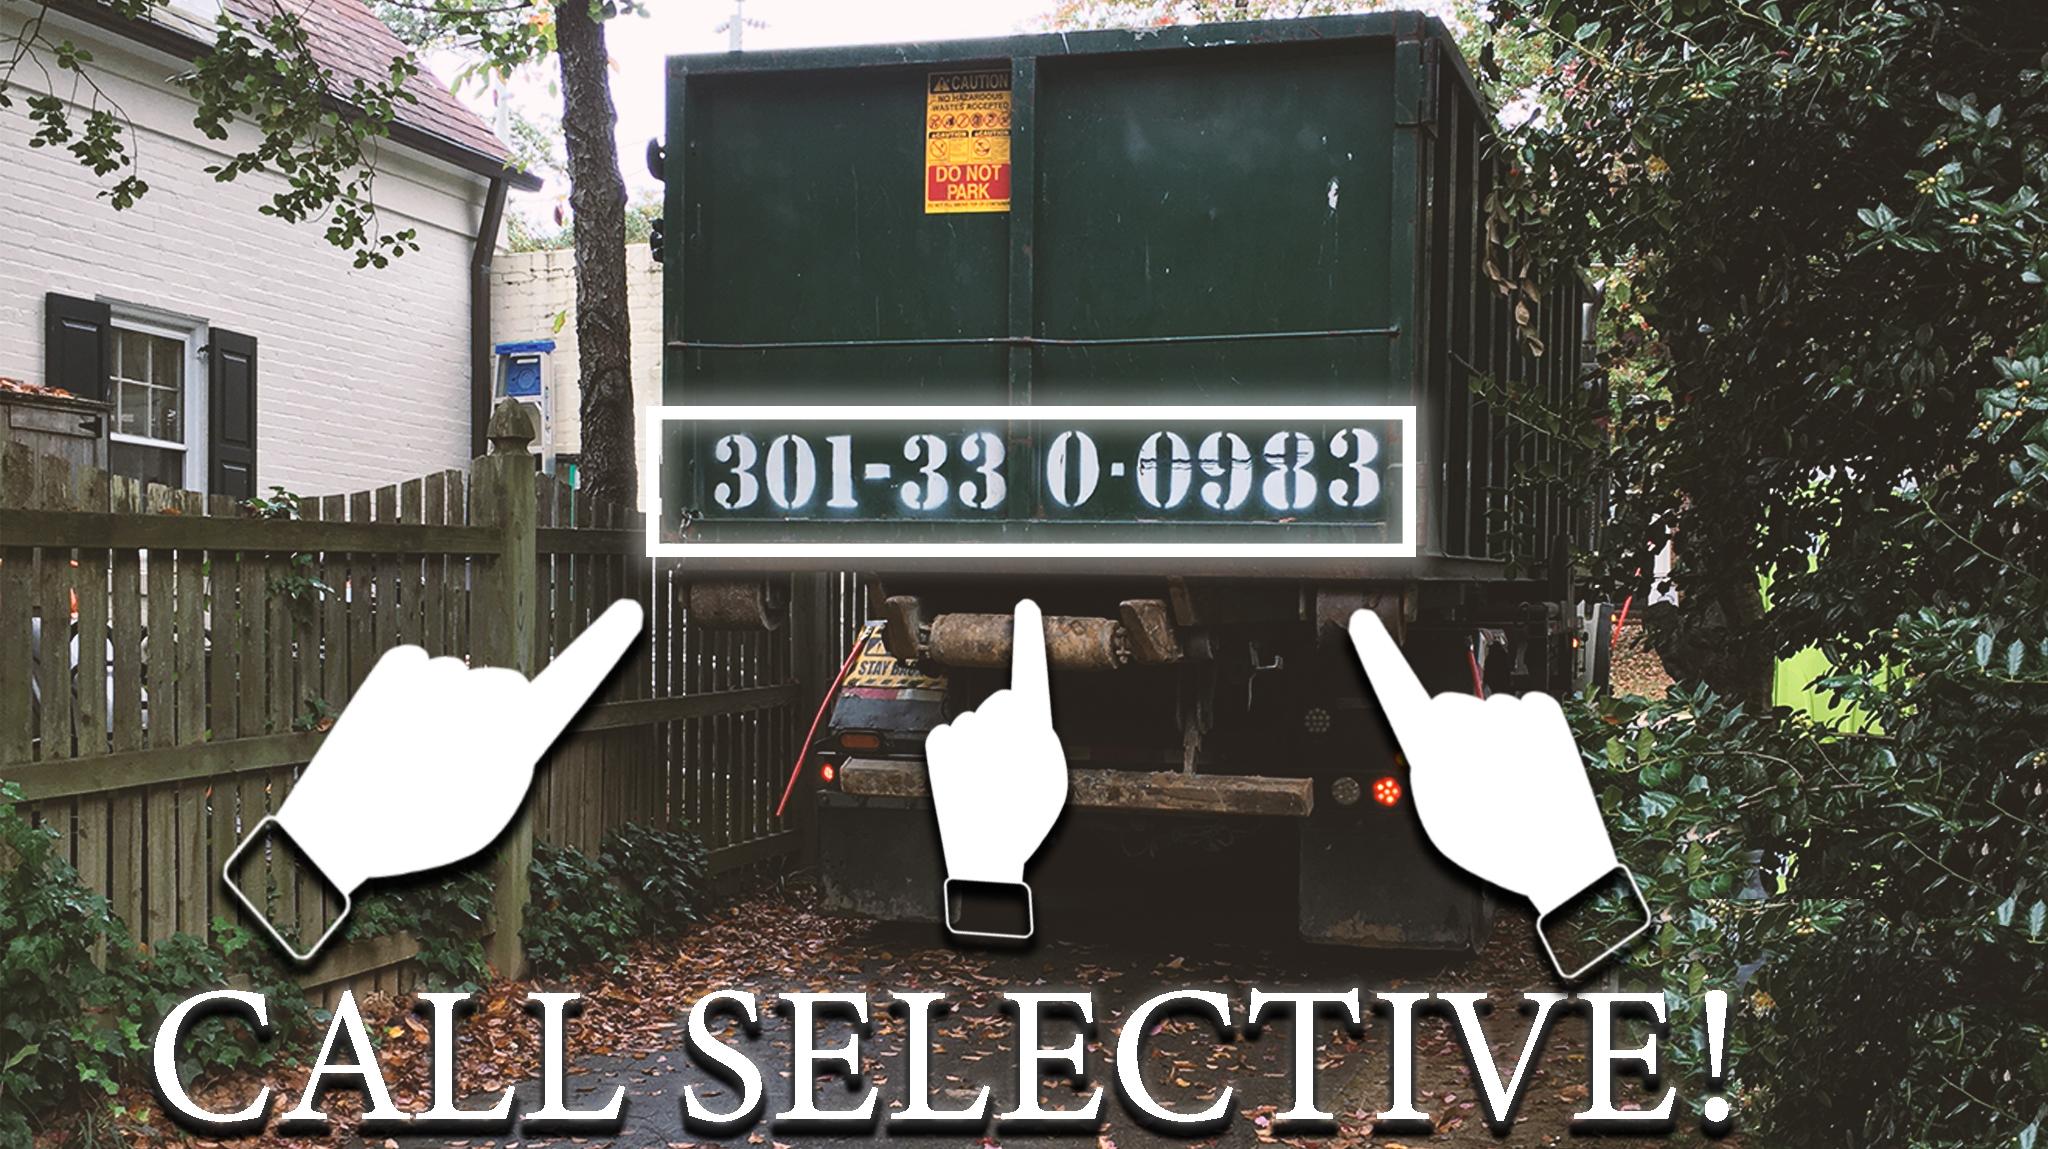 Dumpster rental Arlington VA 1 - Dumpster Rental Arlington VA